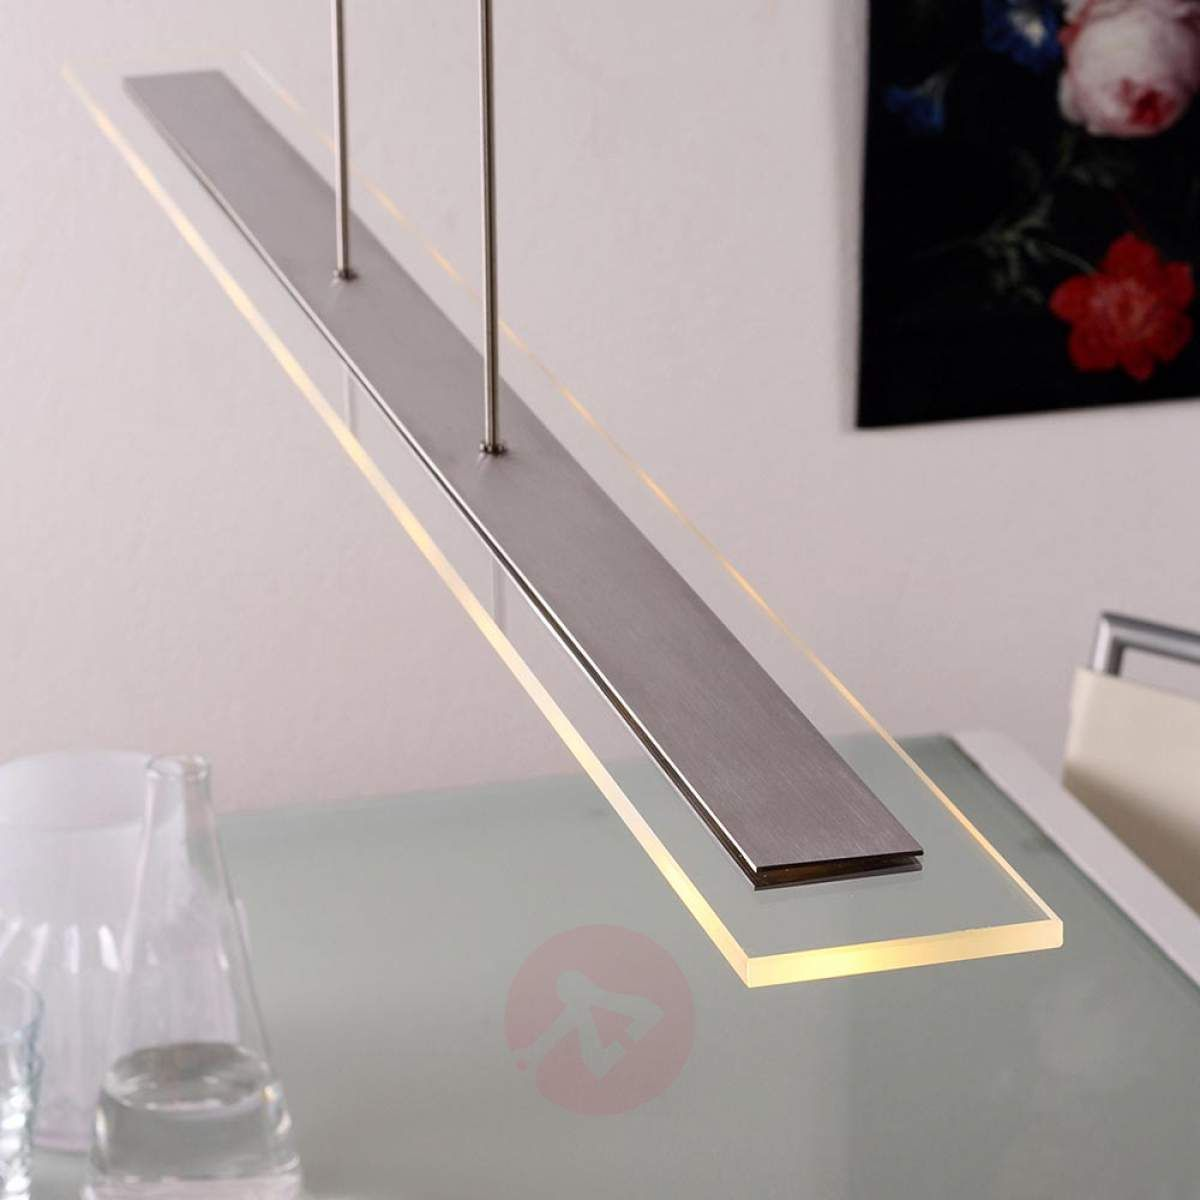 Lampa Wisząca Ledowa Lampy Wiszące Podłużne Lampa Salon